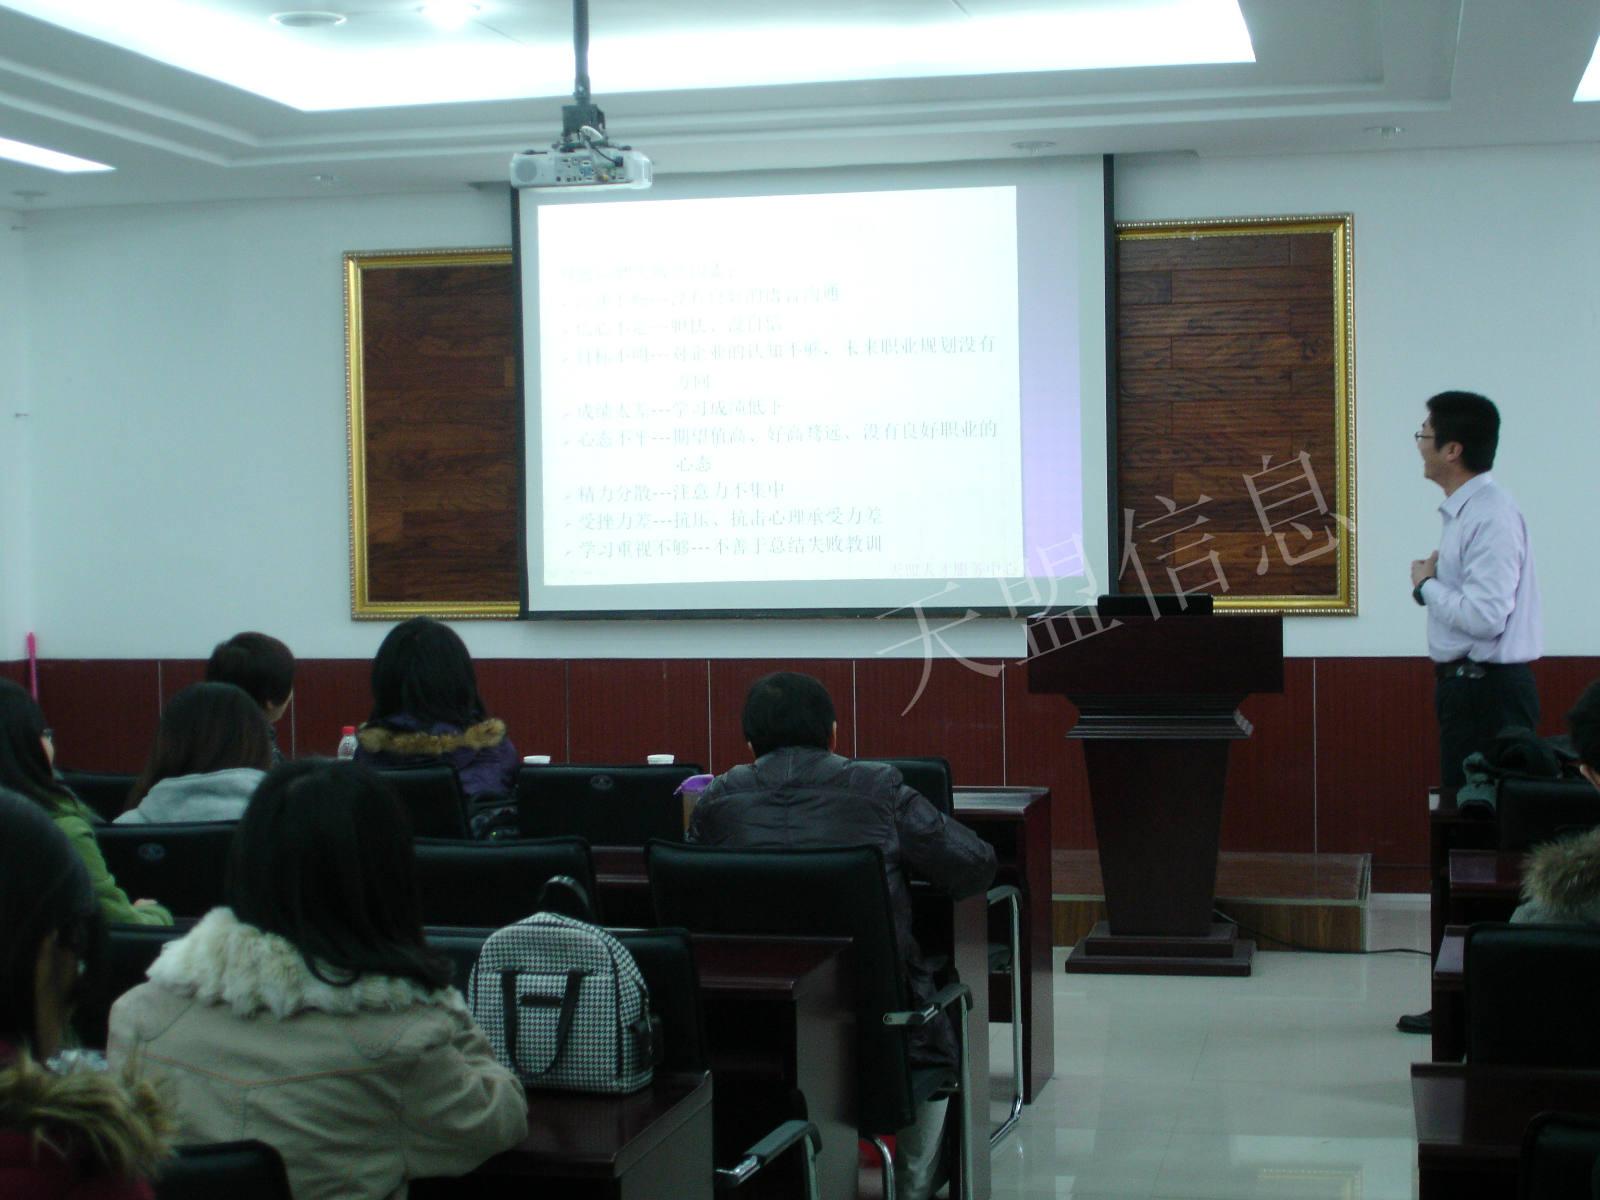 以下是在青岛科技大学,山东科技大学,石油大学,中国海洋大学,青岛